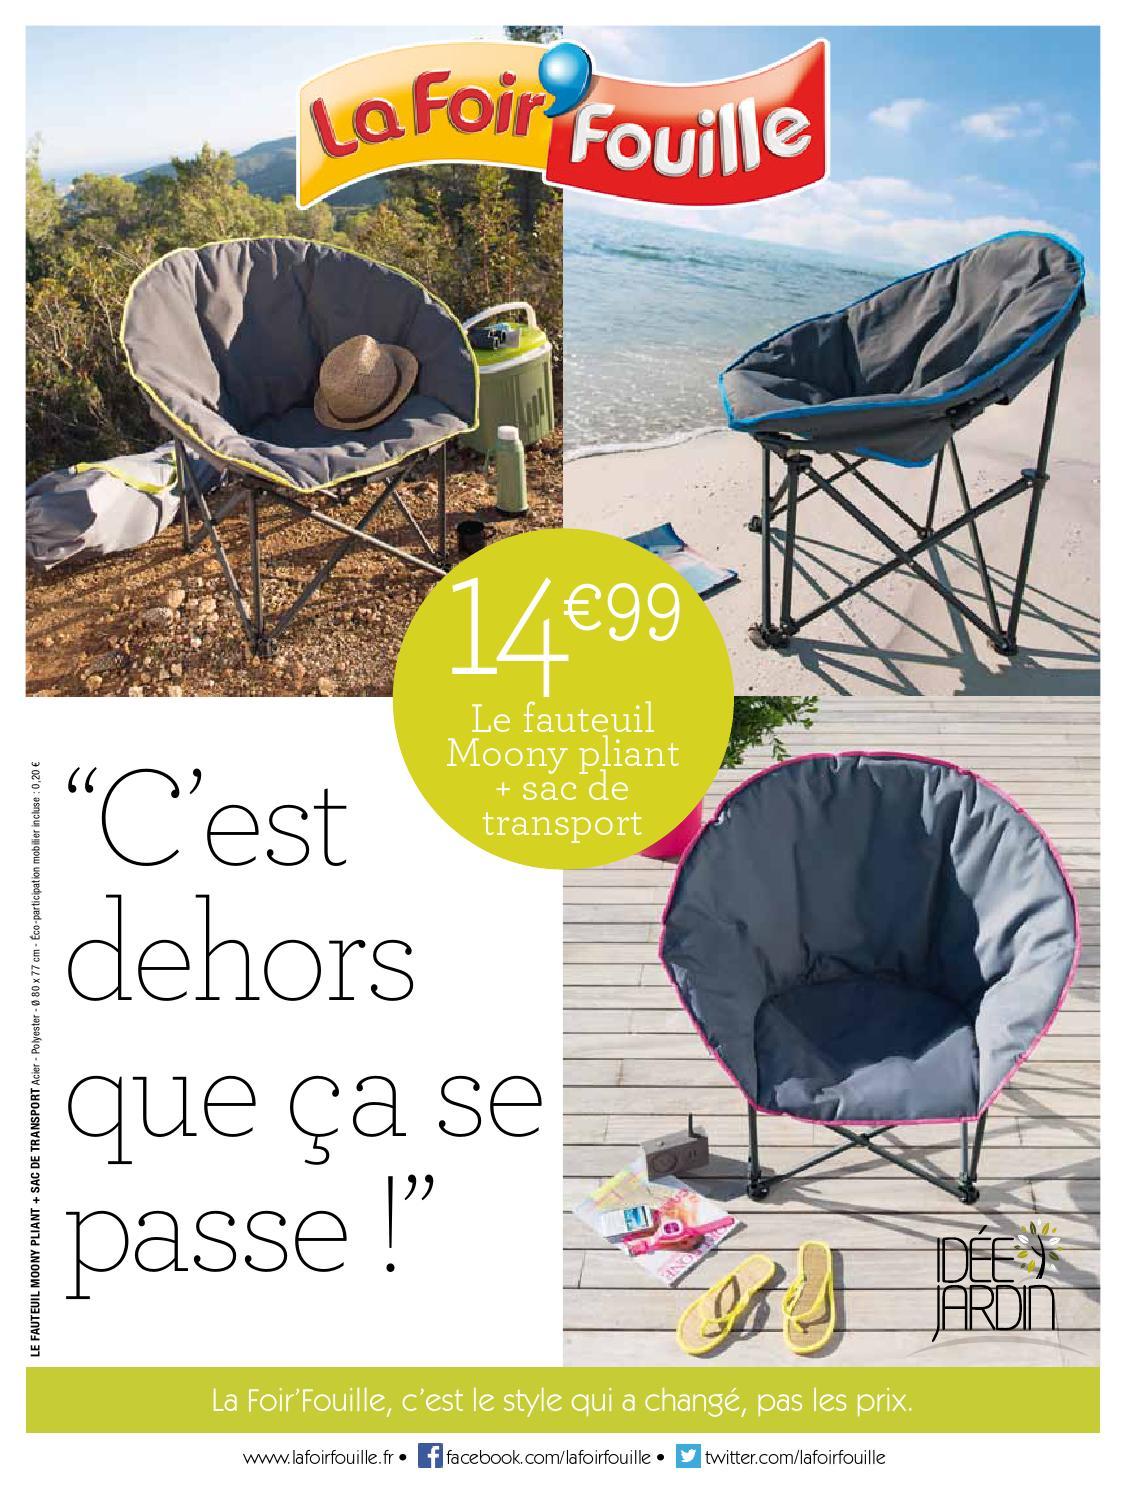 Catalogue La Foir Fouille C Est Dehors Que Ca Se Passe By Joe